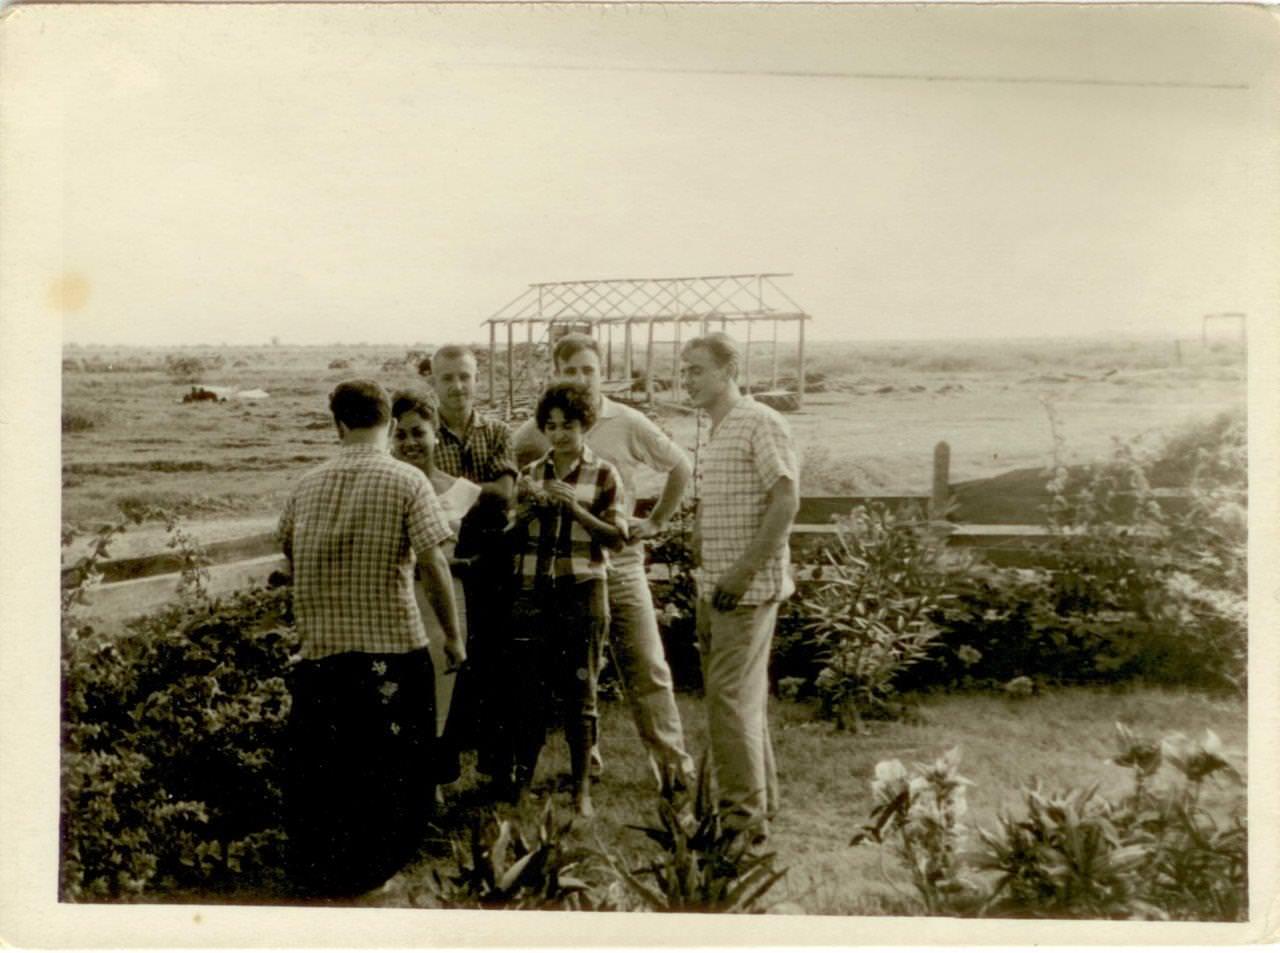 05. Советские специалисты с кубинскими девушками в поле. Республика Куба, г. Гавана. 1961 г.